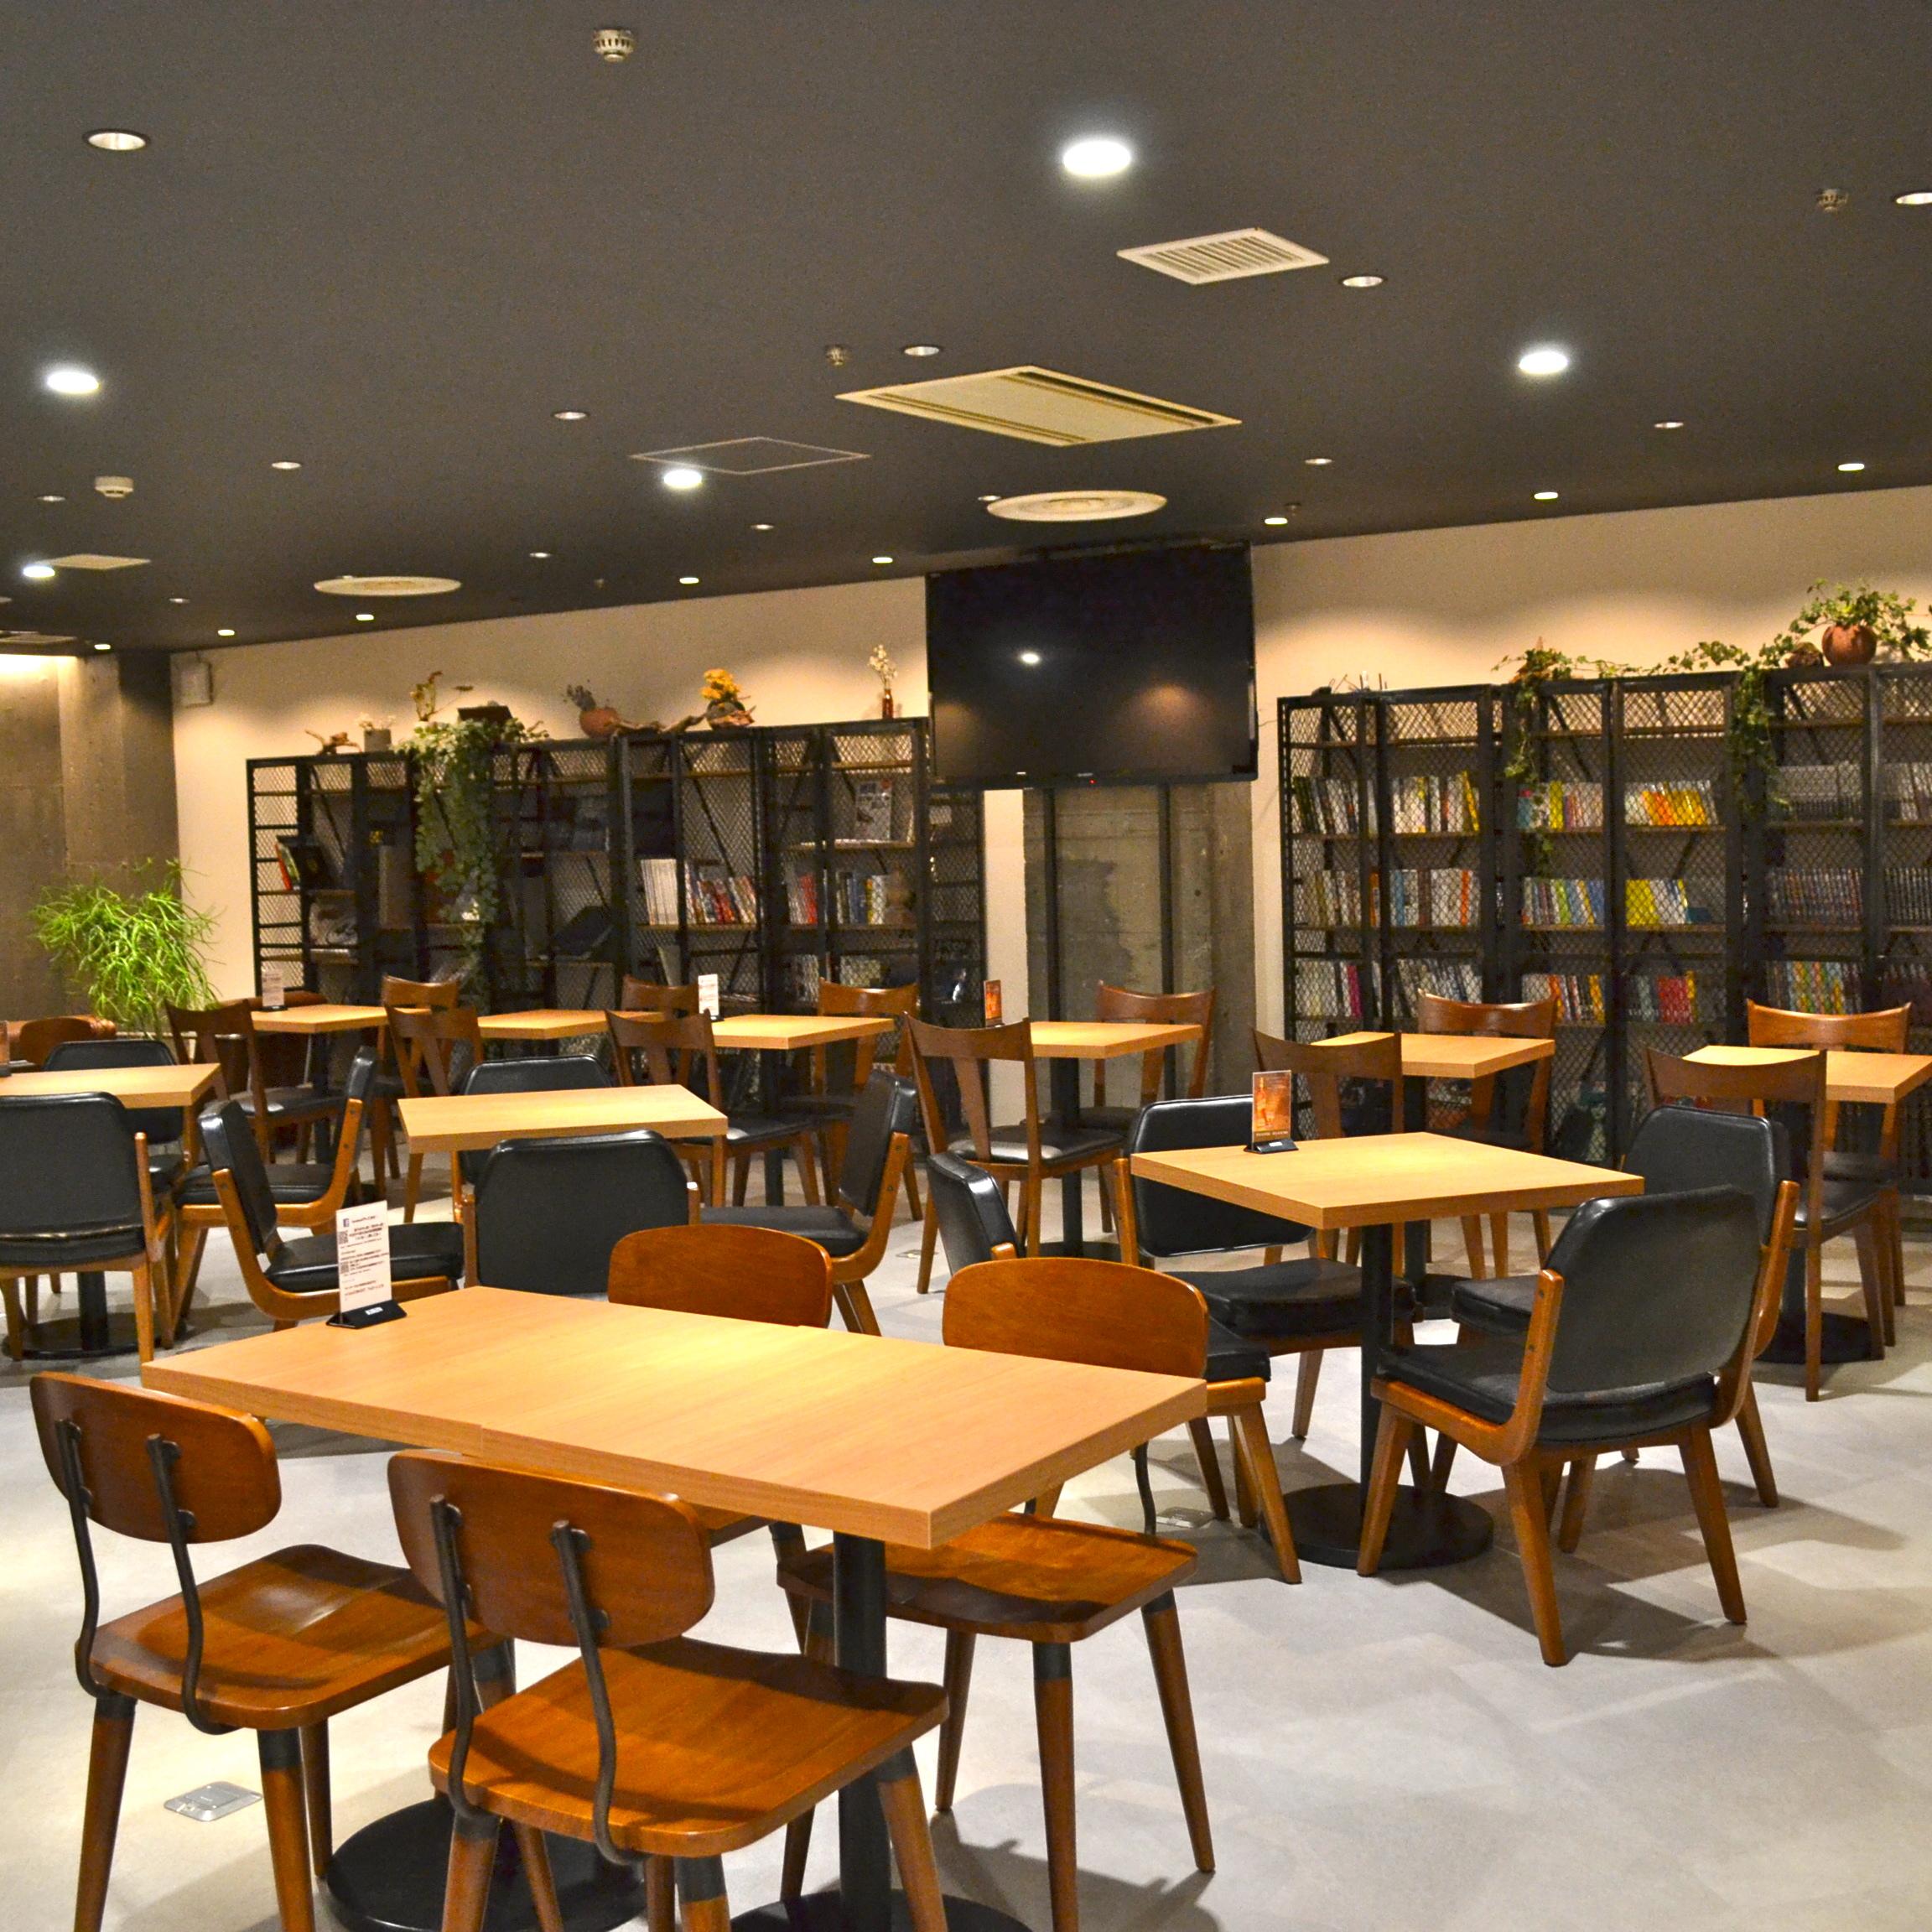 新橋 貸切スペース Cafe CONCENT カフェ コンセント>